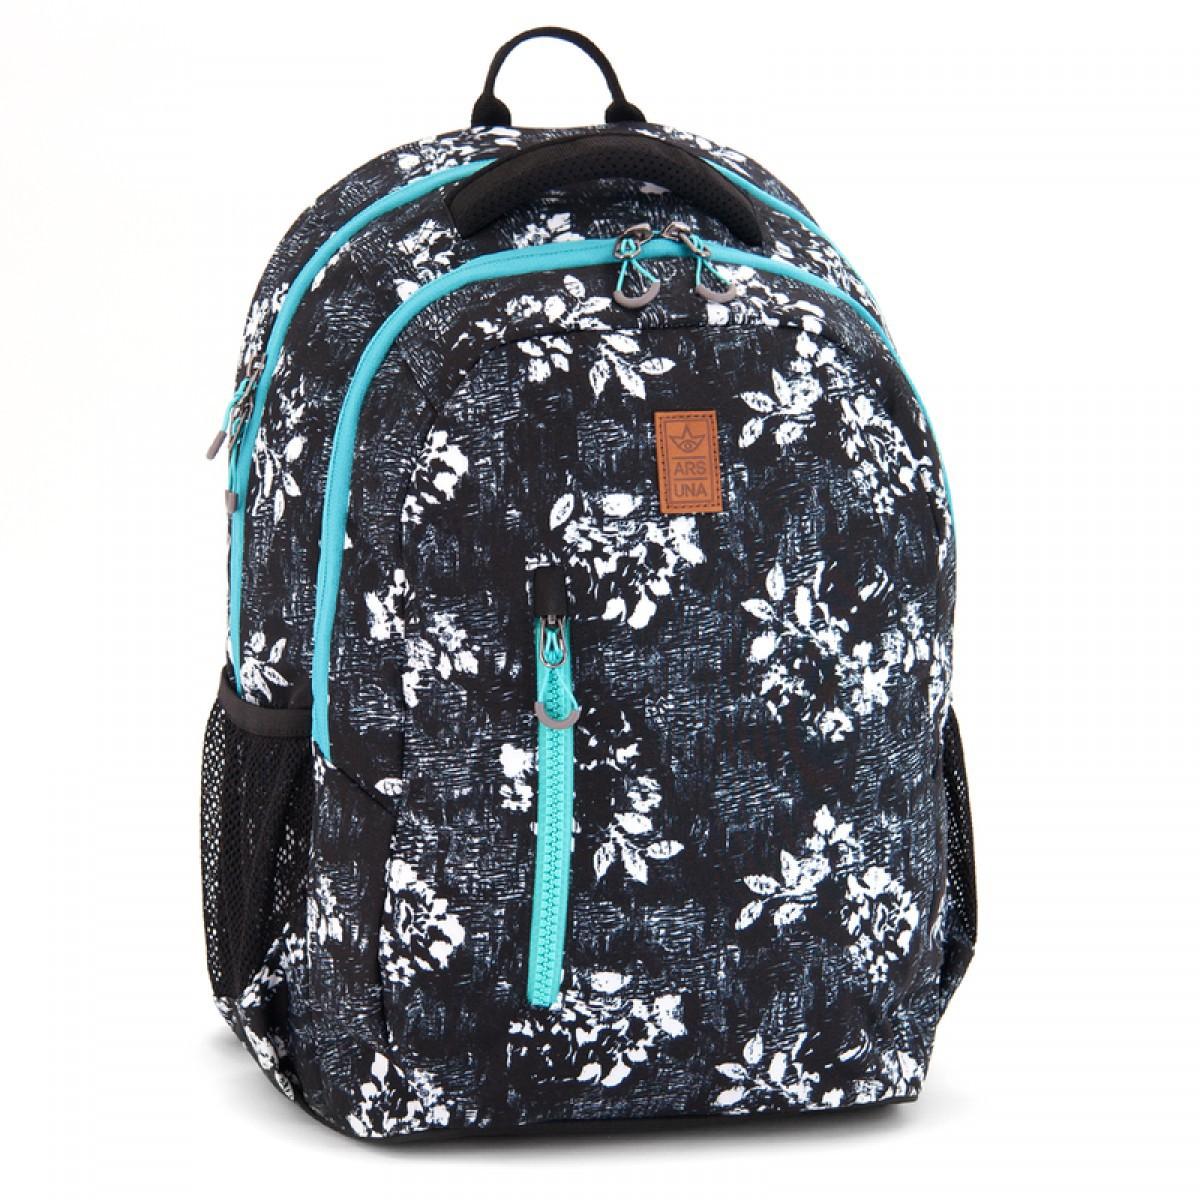 dfcd37d62df2 ARS UNA 09 ergonomikus hátizsák, iskolatáska 91315335 Táska, sulis  felszerelés